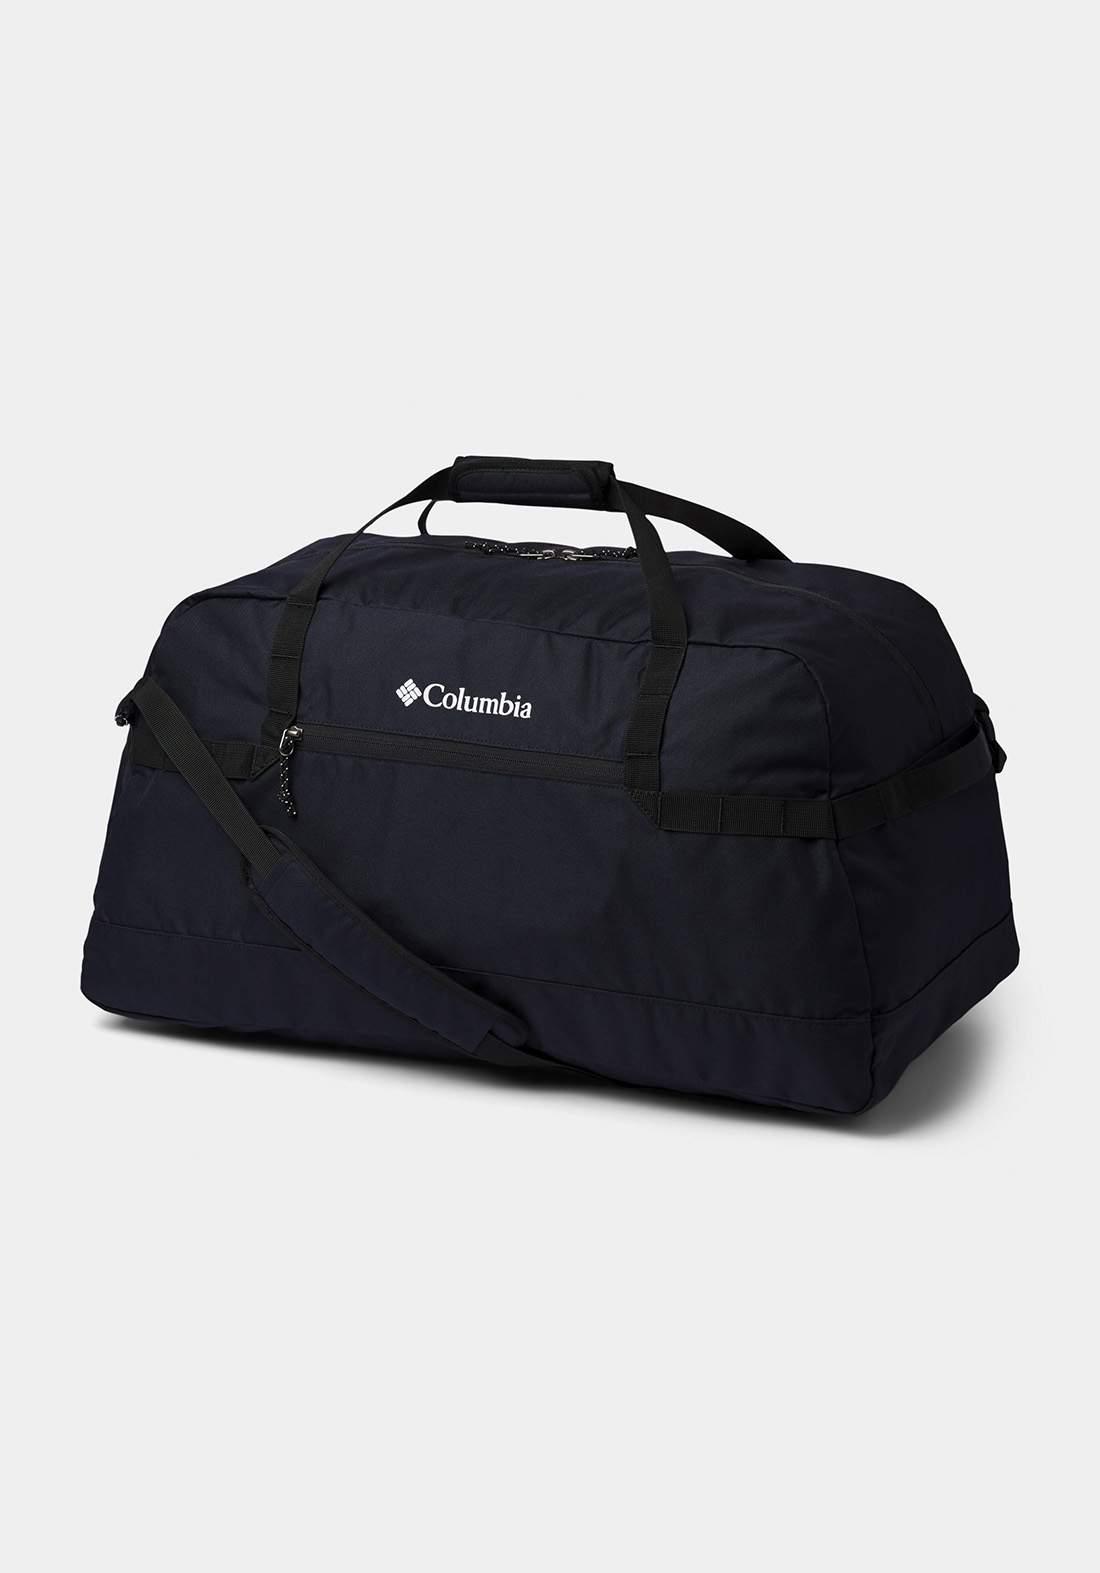 حقيبة يدوية 55 لتر من Columbia Lodge